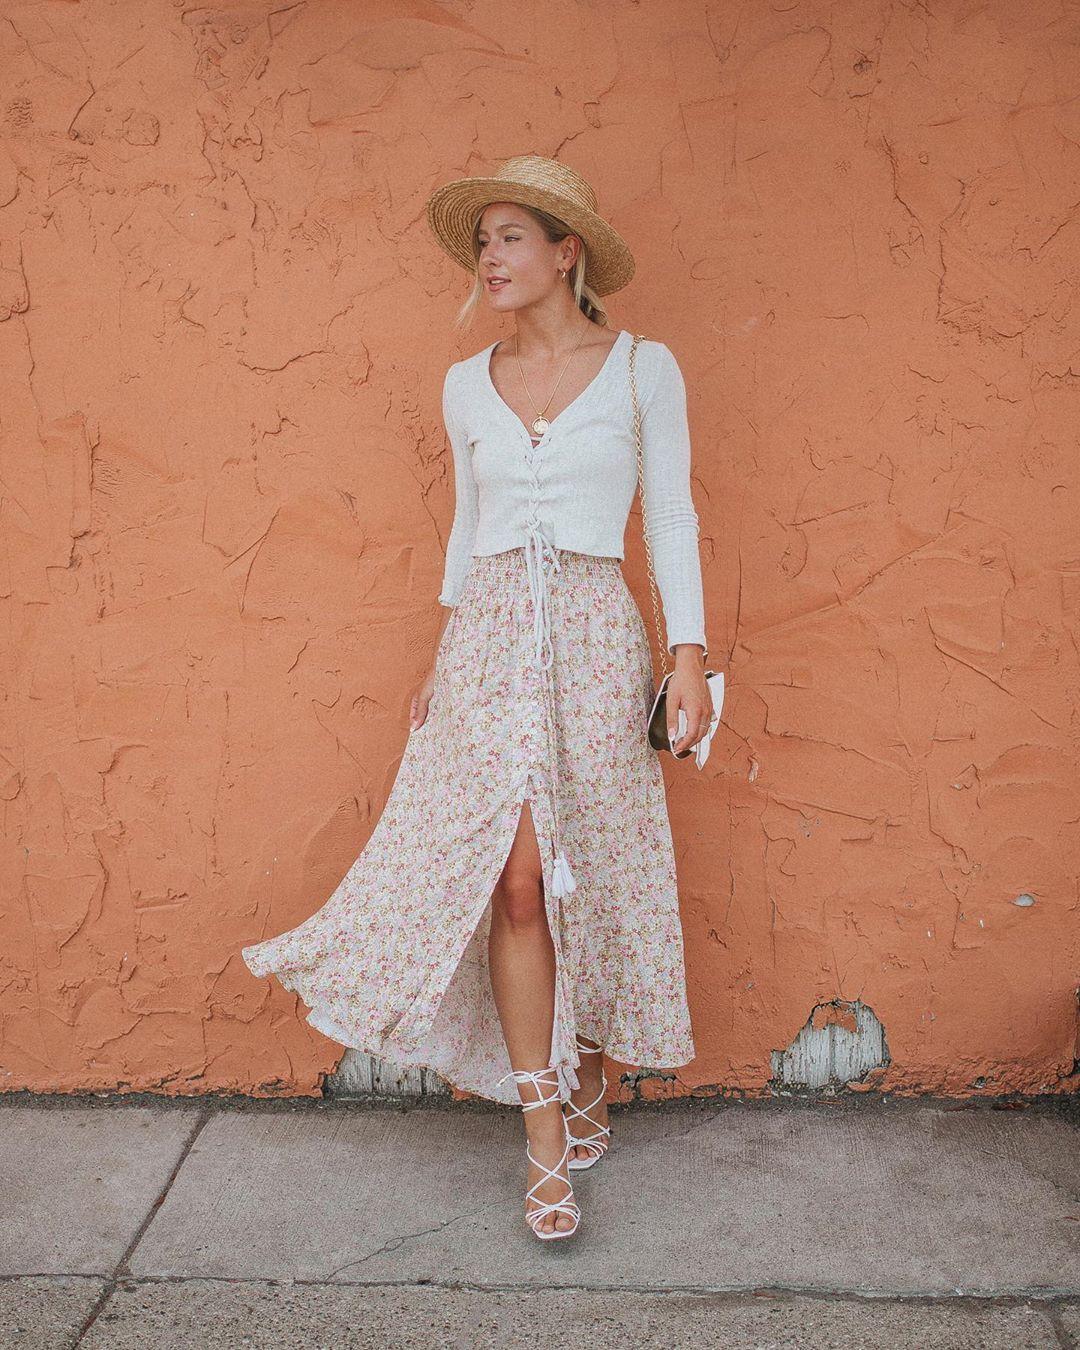 Chân váy hoa, áo thun trắng, giày dây mảnh màu trắng, mũ cói